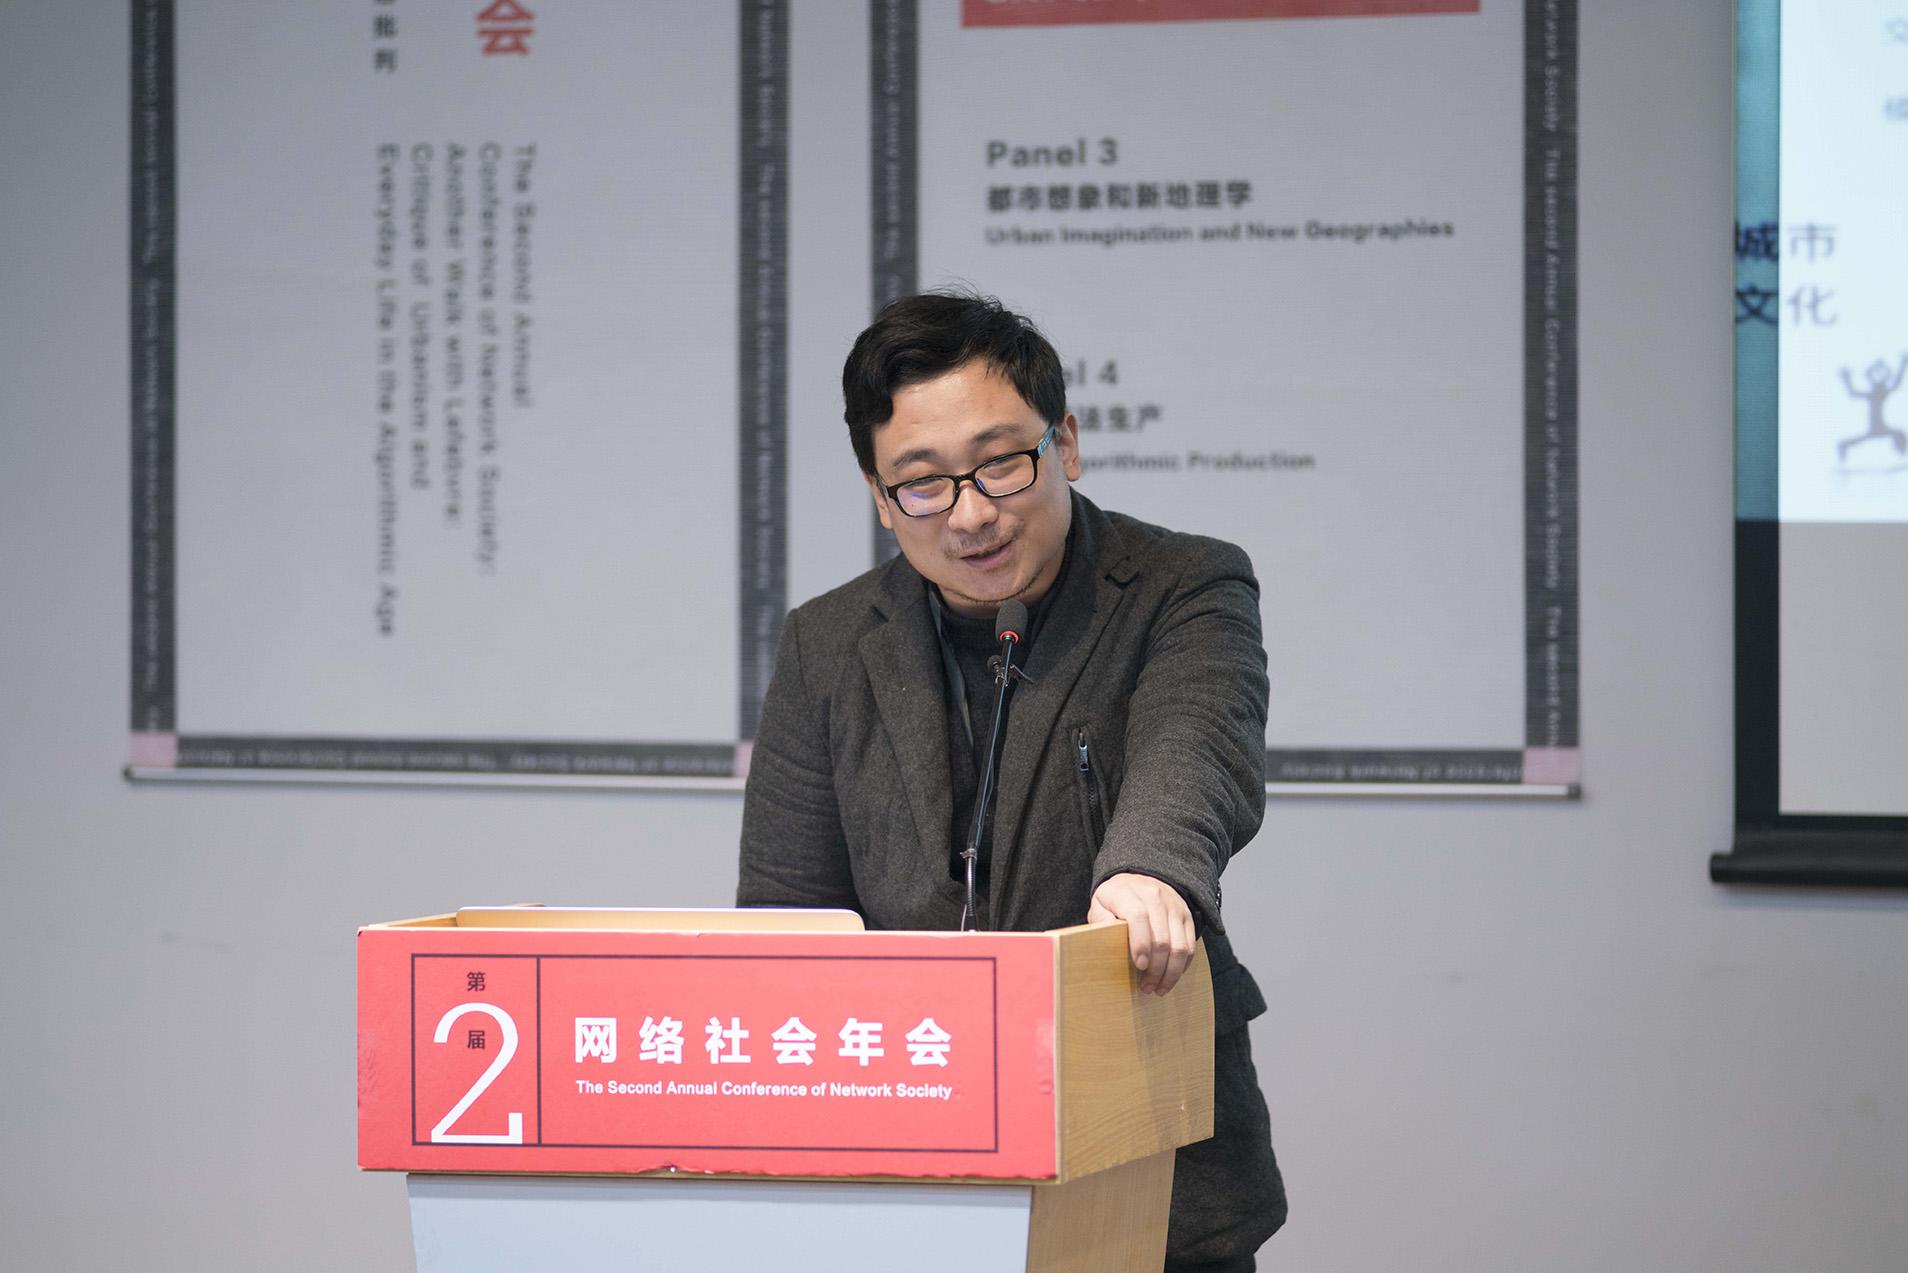 第二届网络社会年会-报告人李昊|...